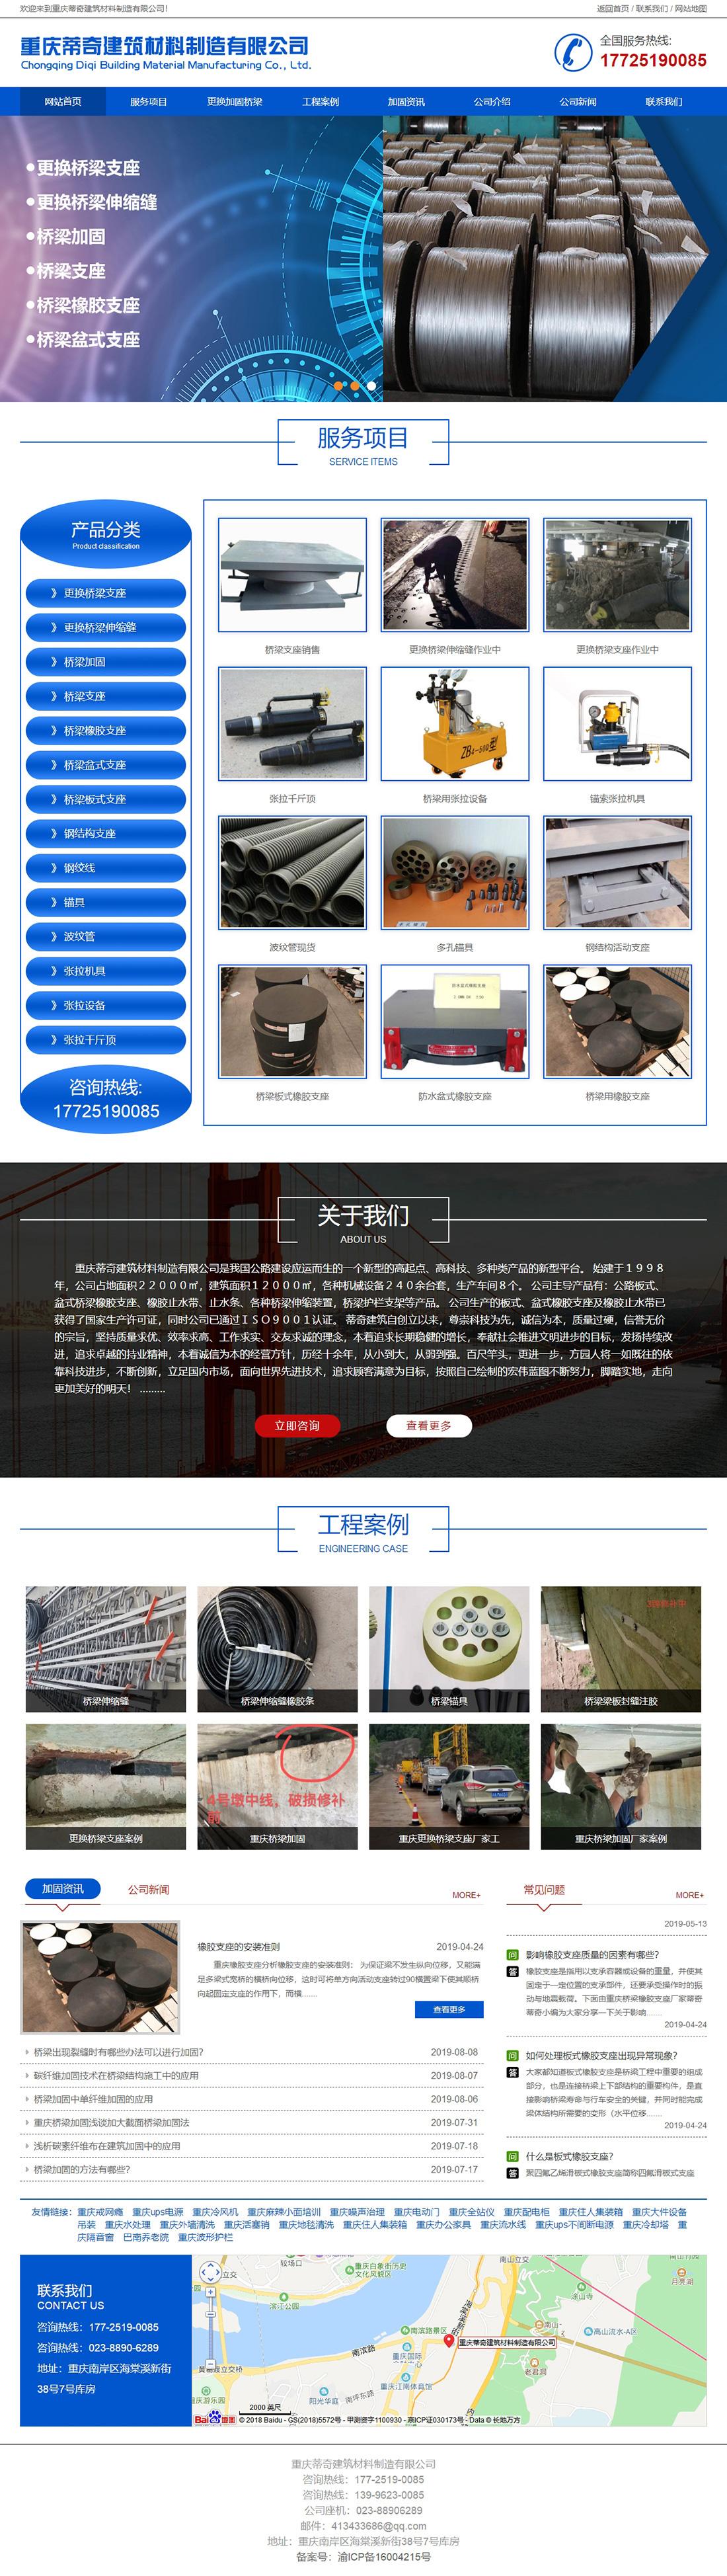 重庆蒂奇建筑材料制造有限公司网